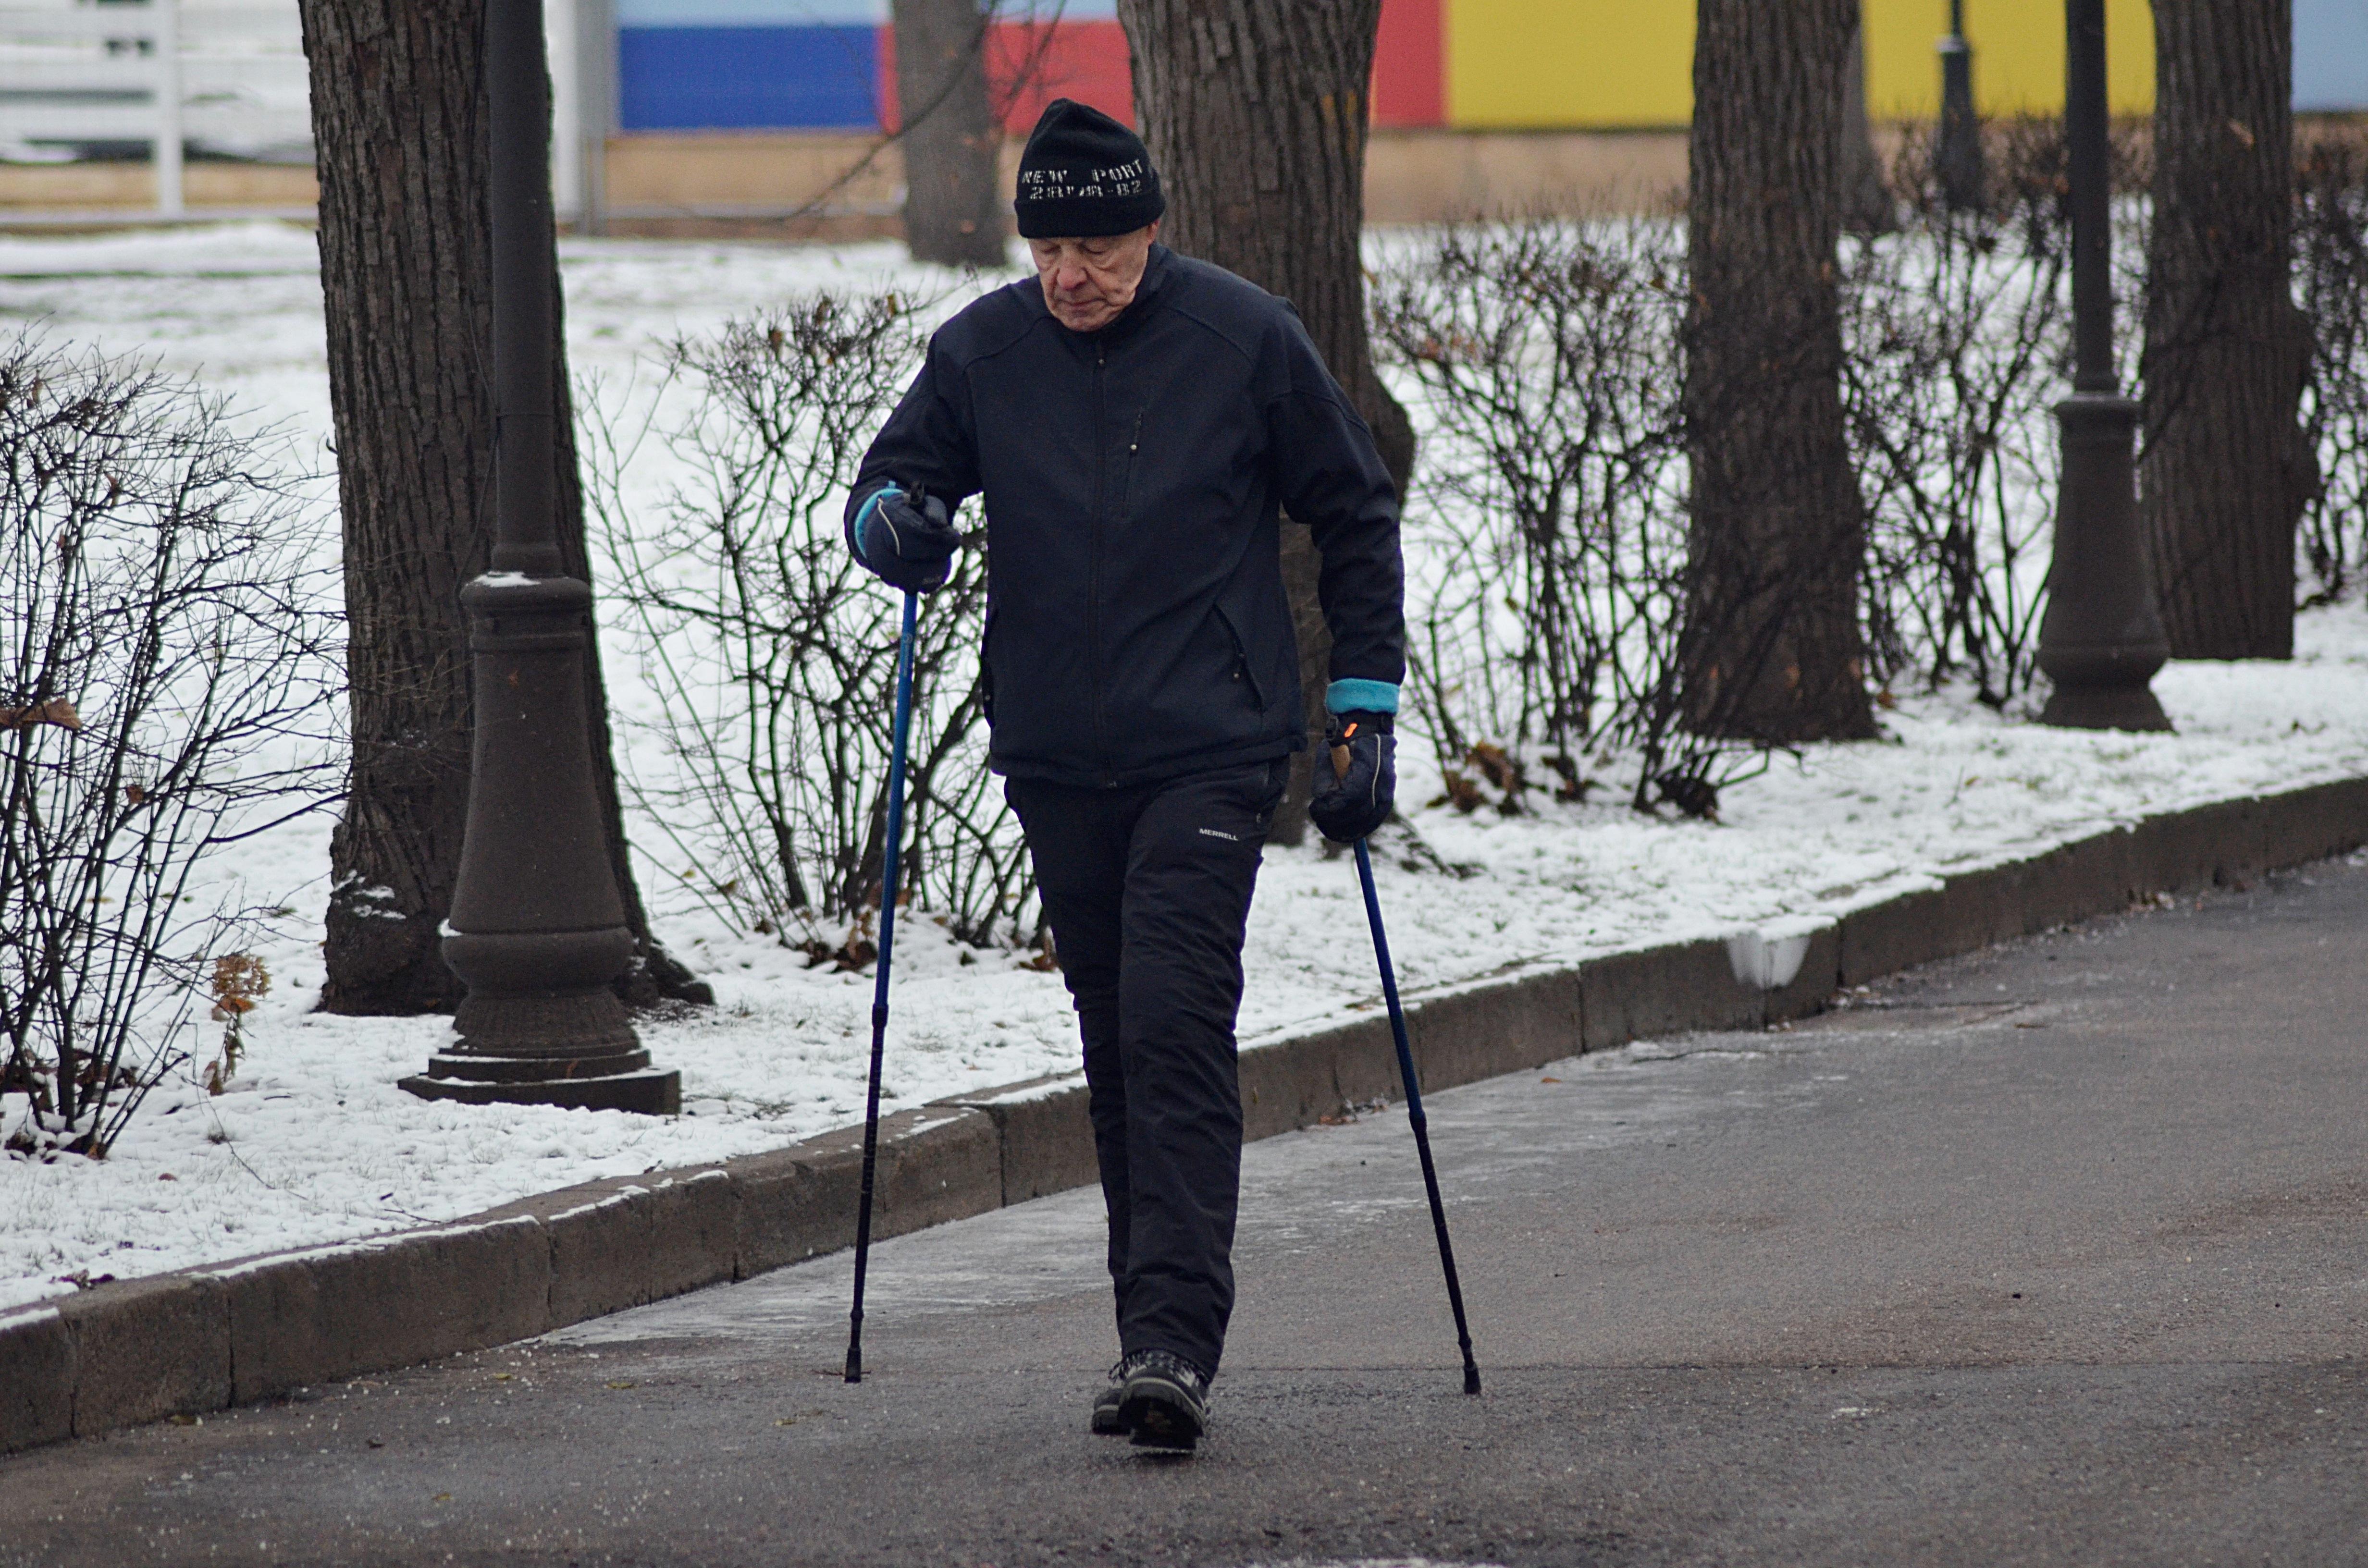 Тренировка по скандинавской ходьбе состоится на сайте Центра по работе с населением. Фото: Анна Быкова